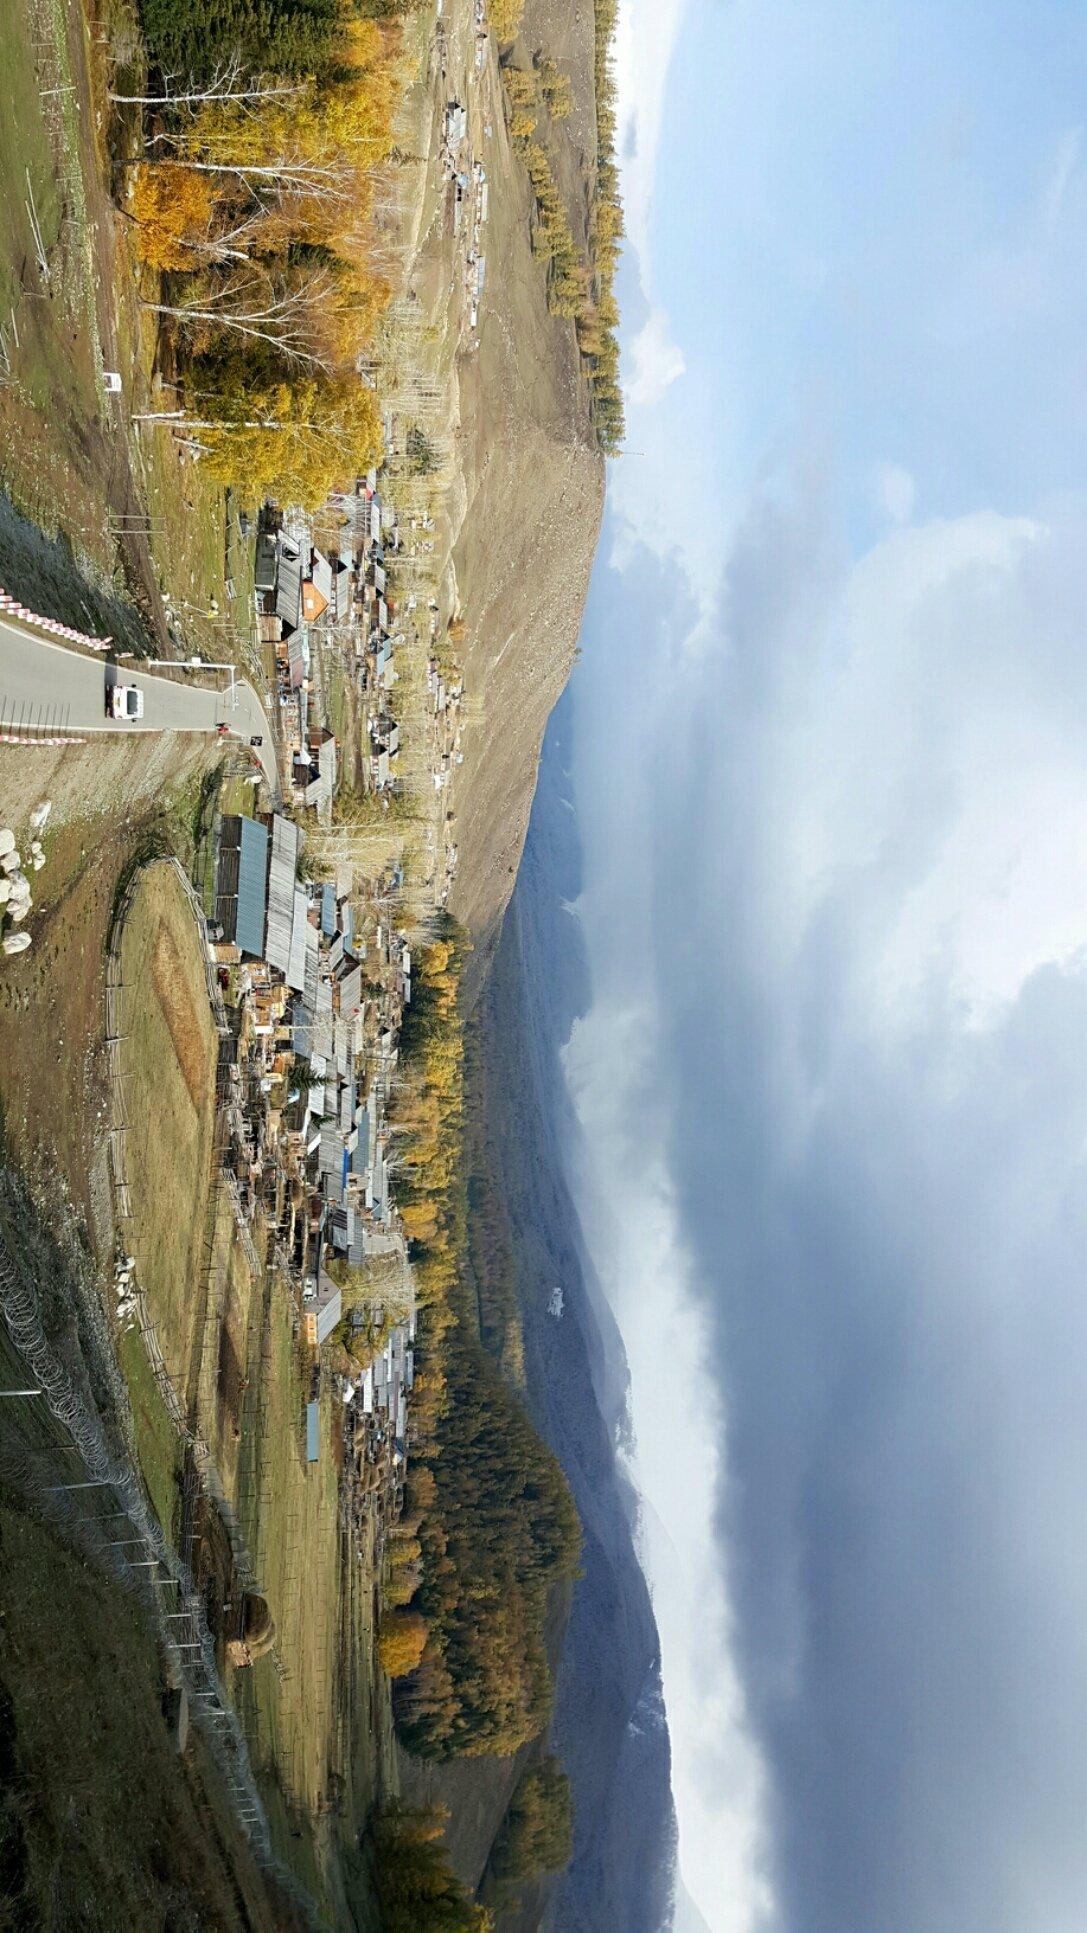 新疆维吾尔自治区阿勒泰地区哈巴河县白喀段靠近喀纳斯白哈巴沙尔哈木尔山庄天气预报